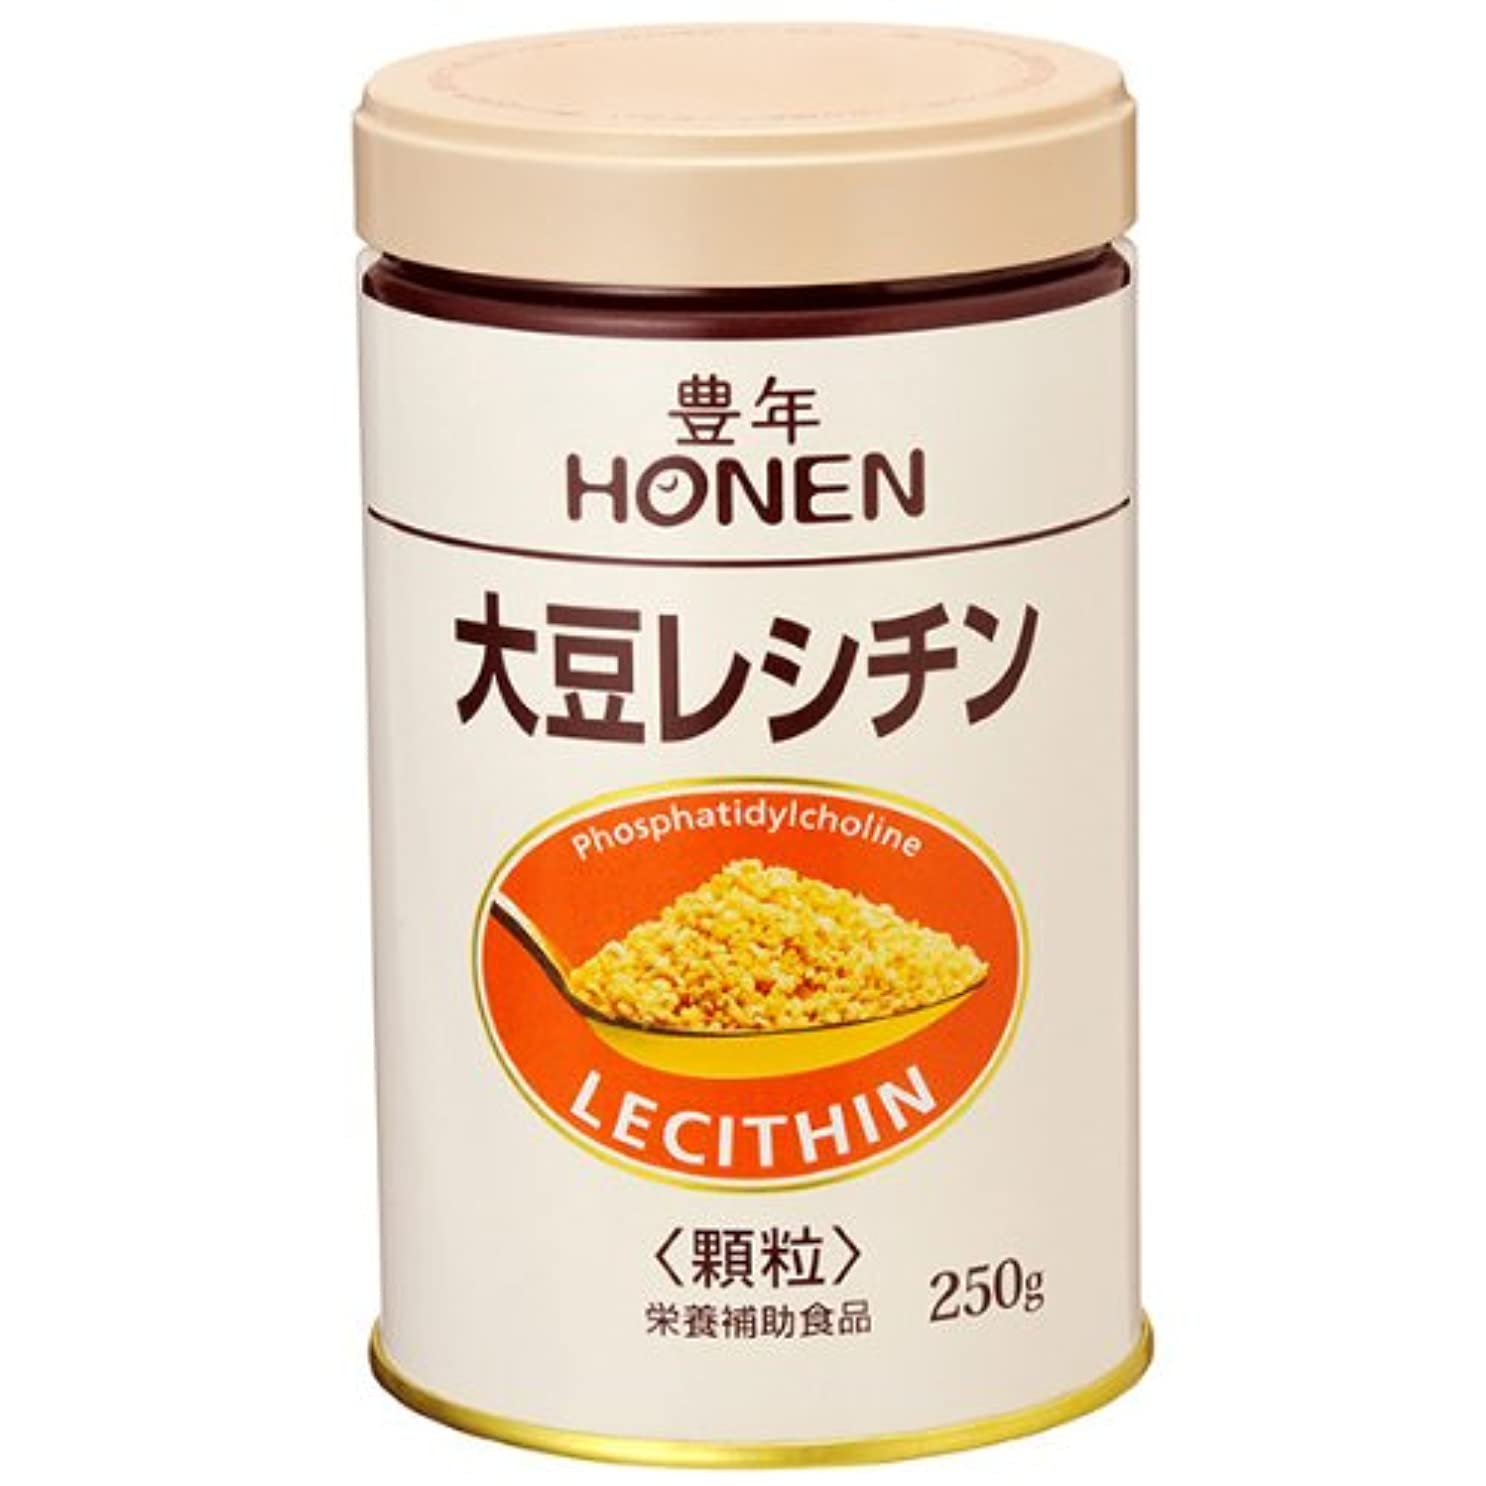 くつろぐ定刻さわやか豊年 大豆レシチン(顆粒250g缶)